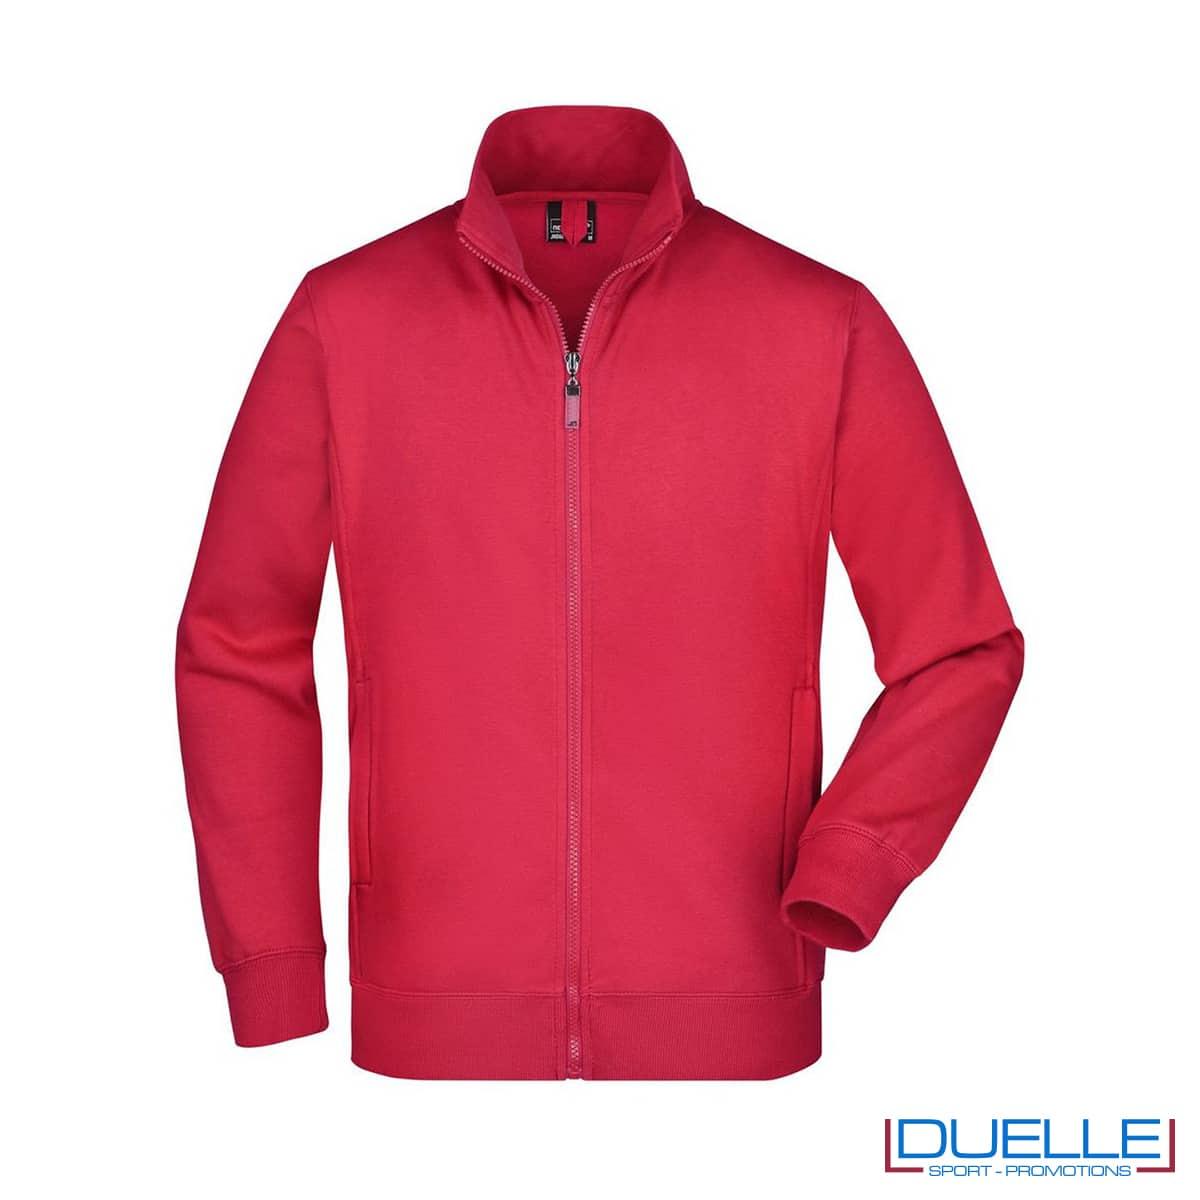 Felpa rossa uomo con zip lavabile 60°C